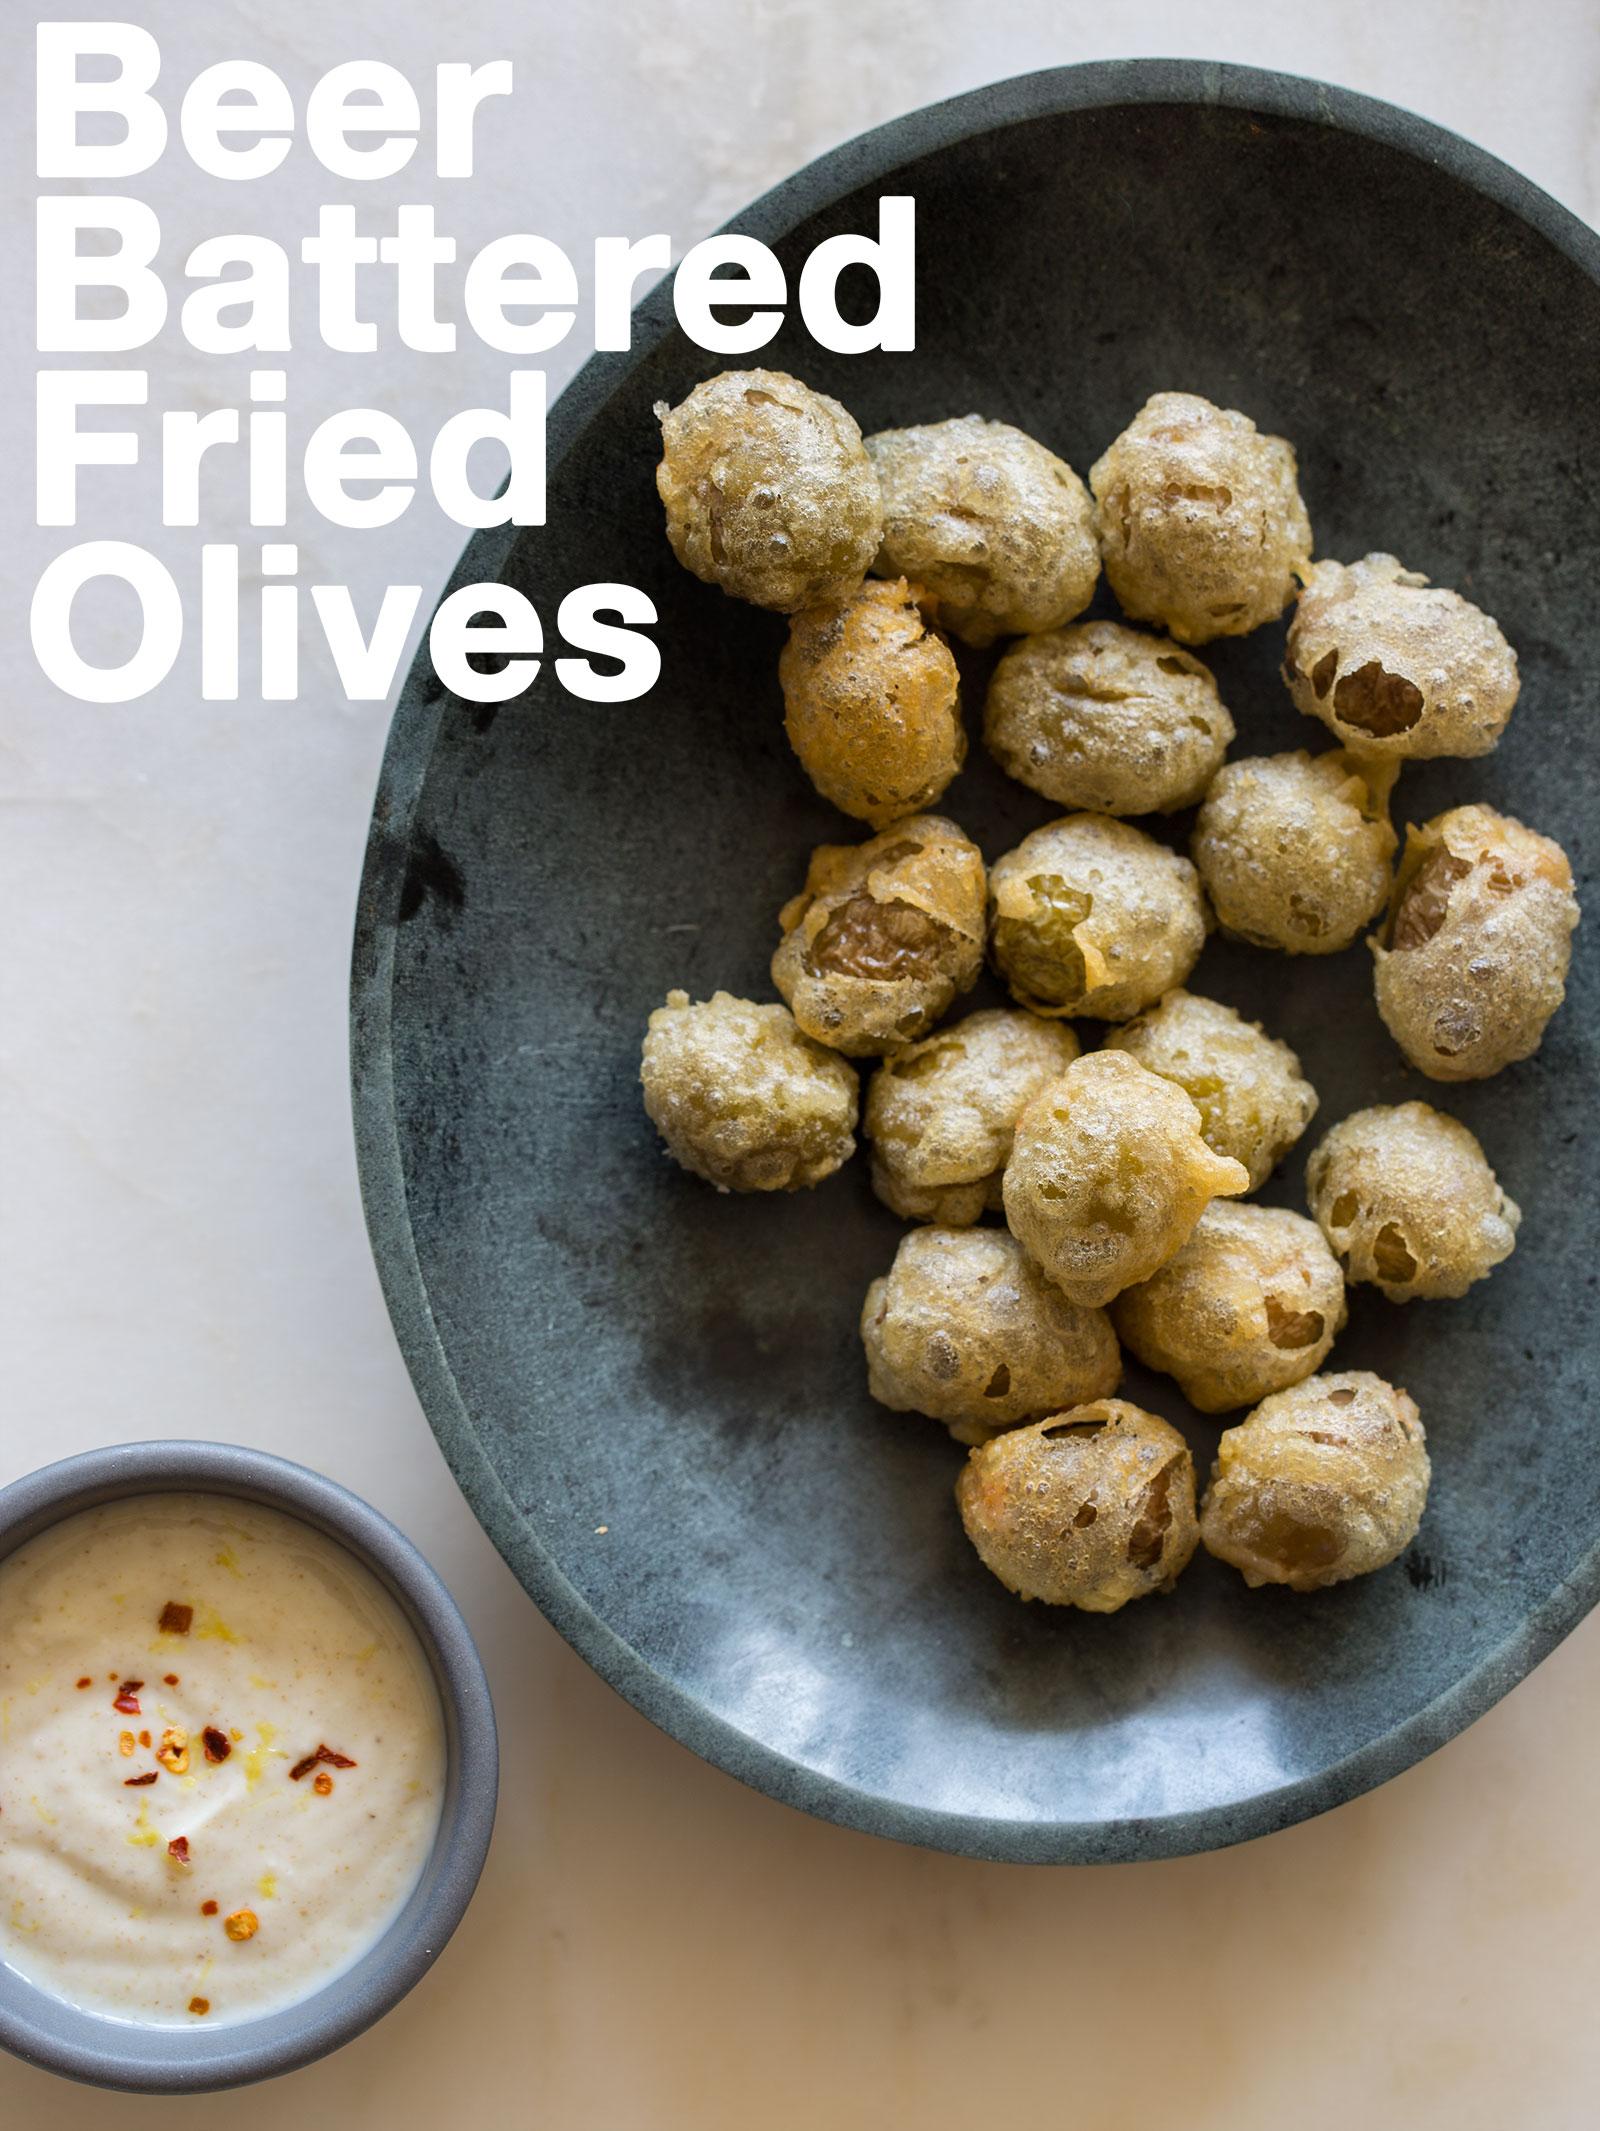 Beer battered fried olives